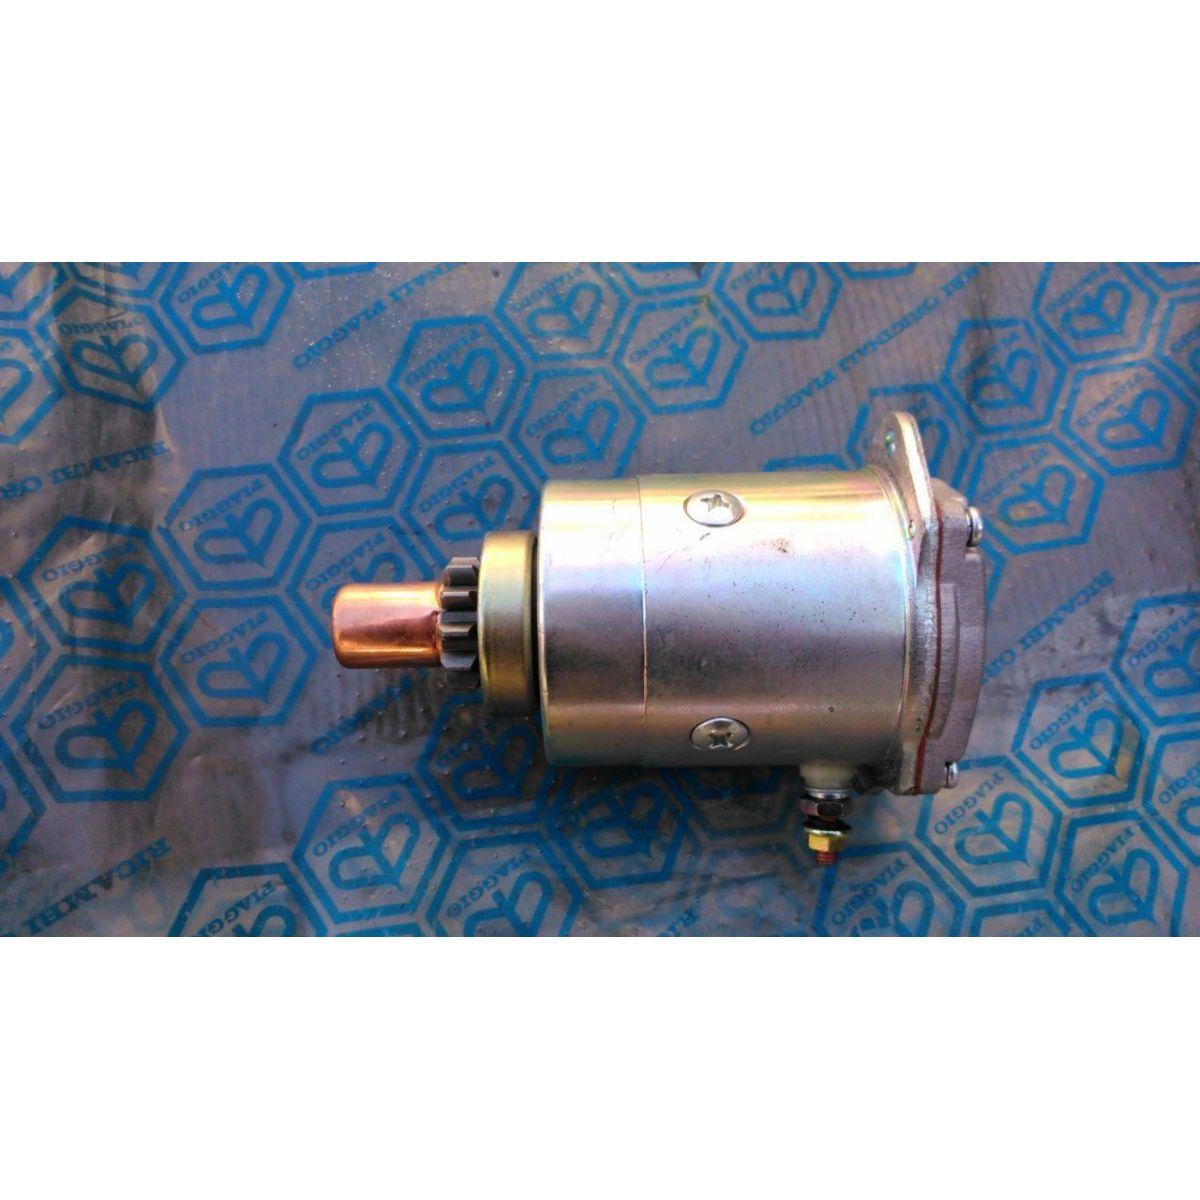 Motorino di avviamento per Vespa 50 125 PK XL automatica Ape 50